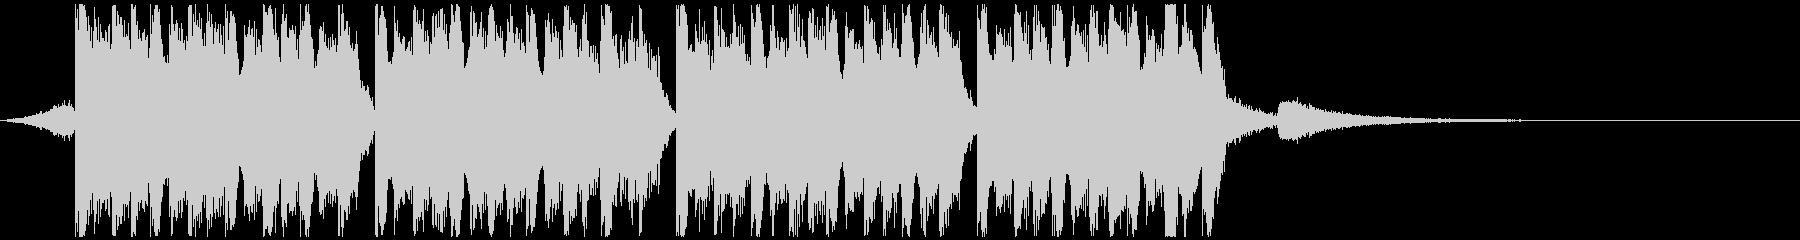 レーシング(15秒)の未再生の波形